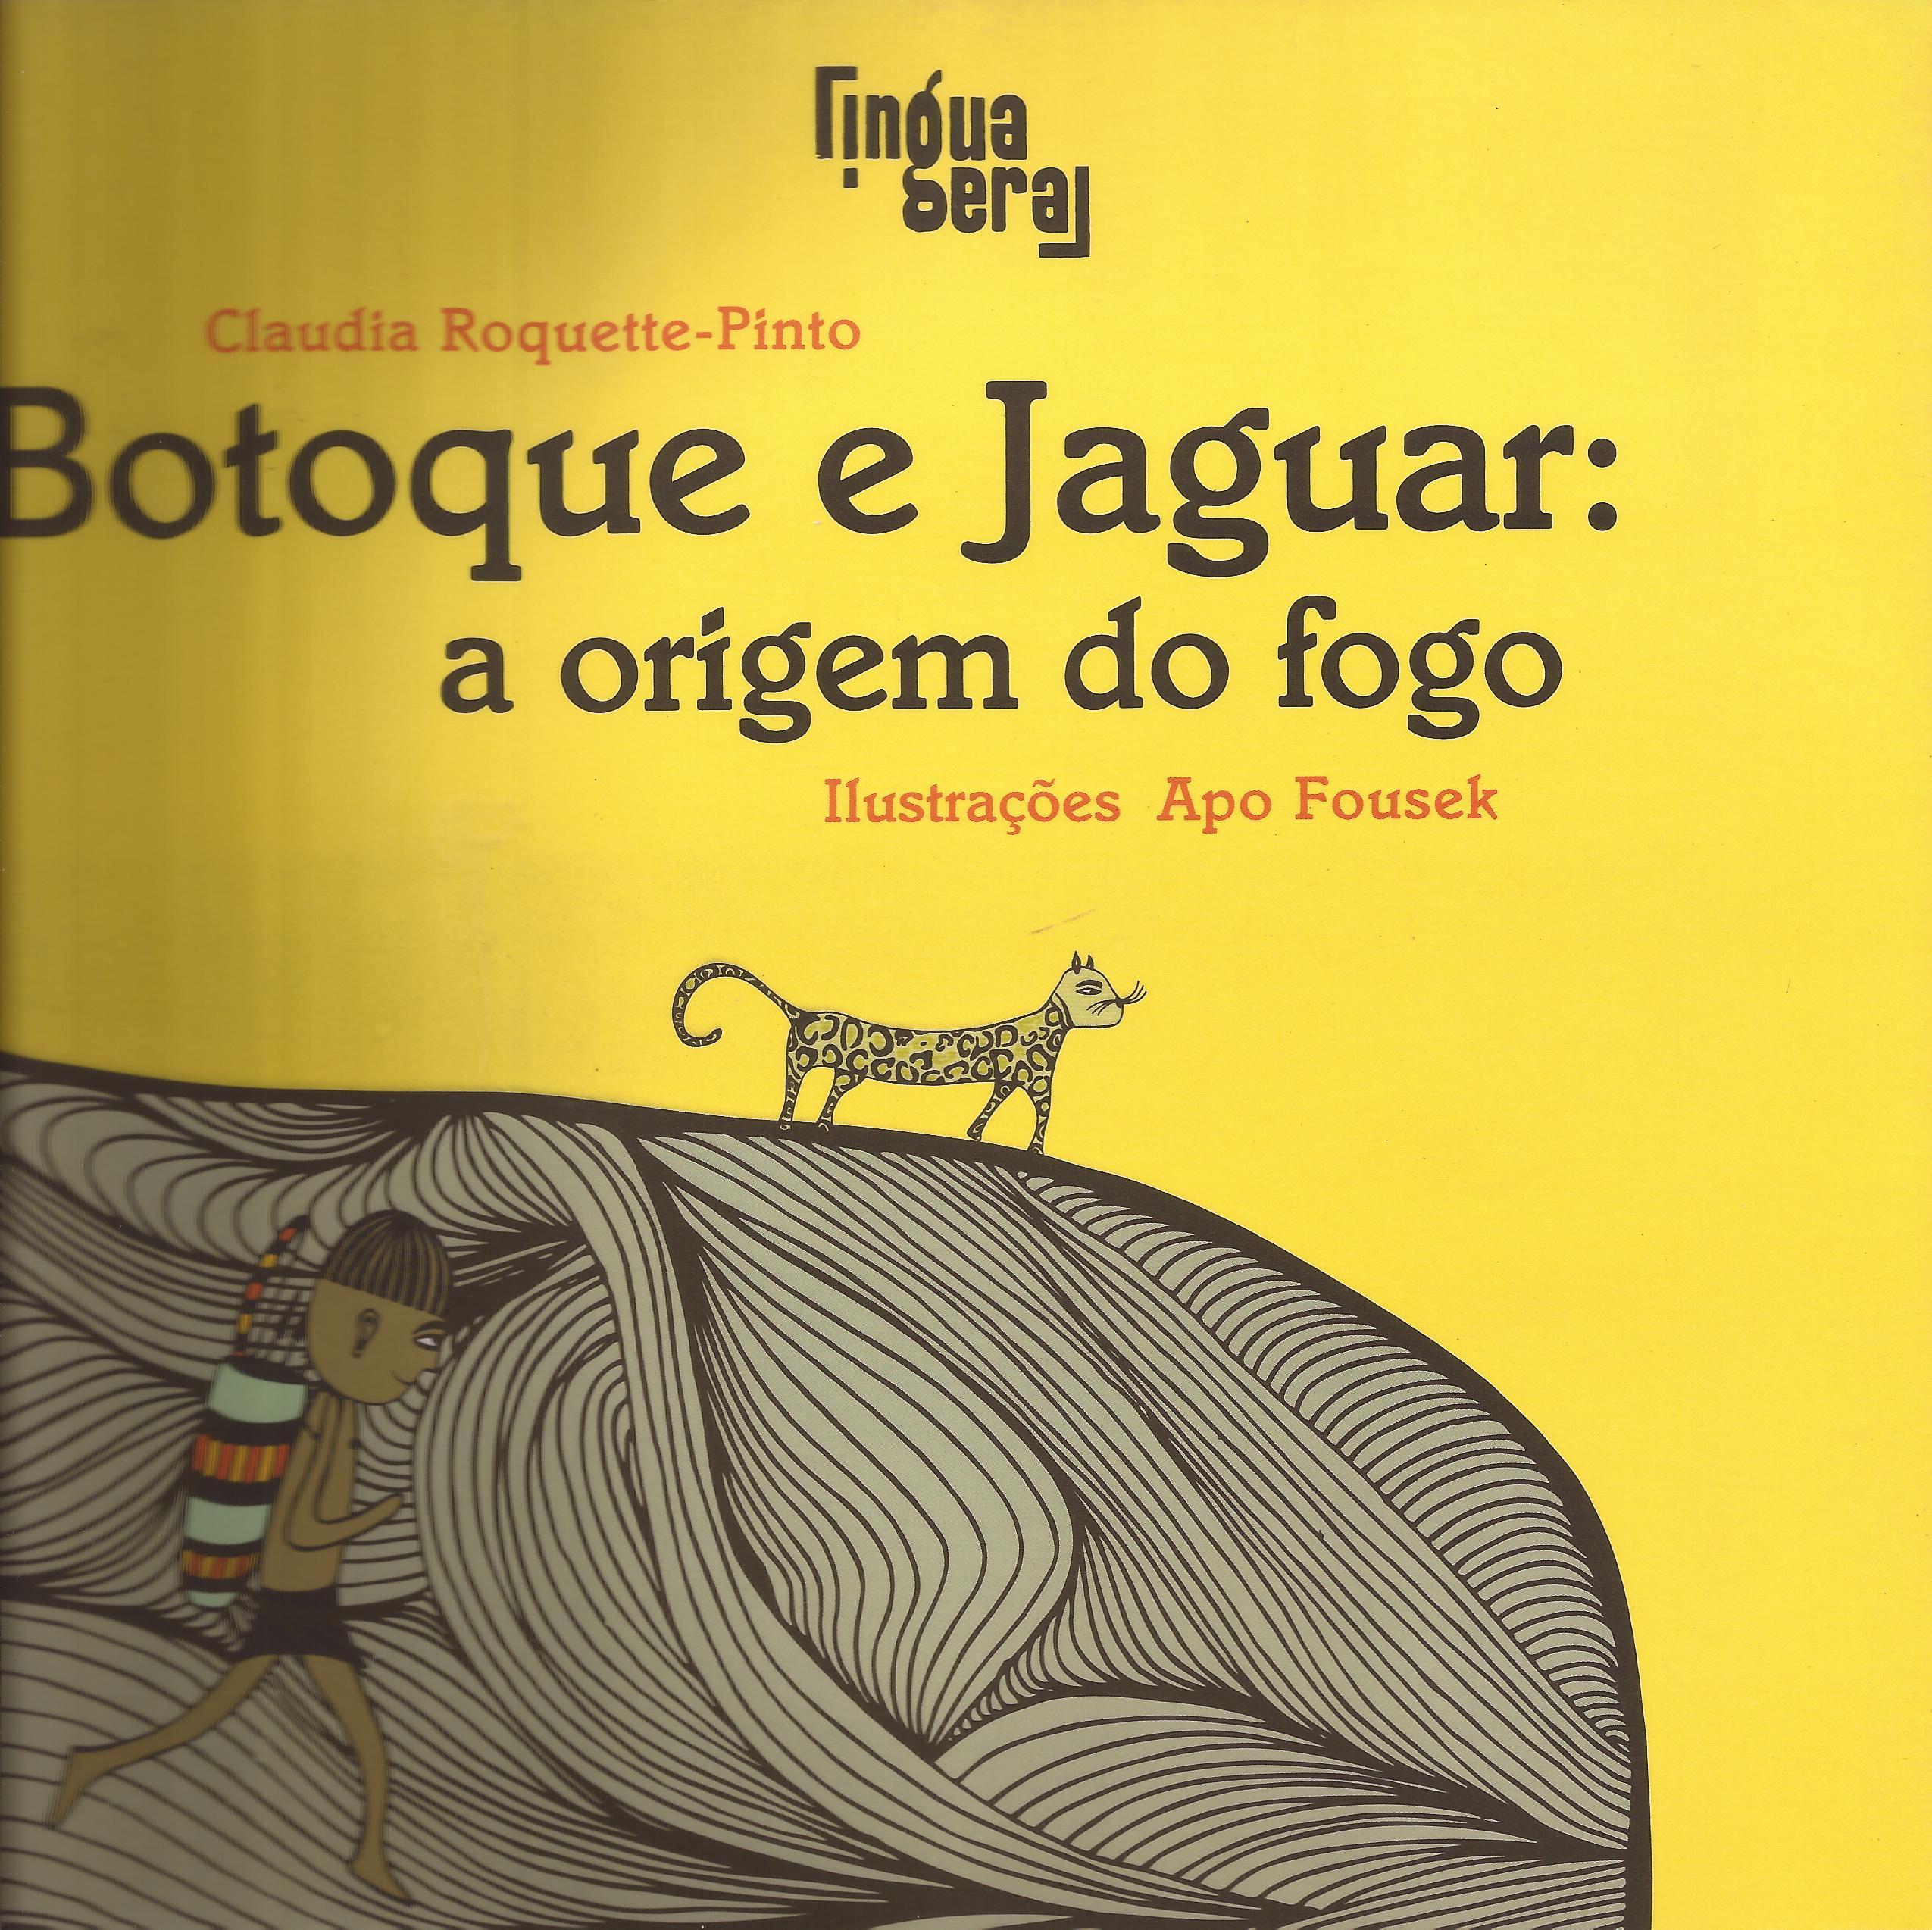 Botoque e Jaguar: a origem do fogo